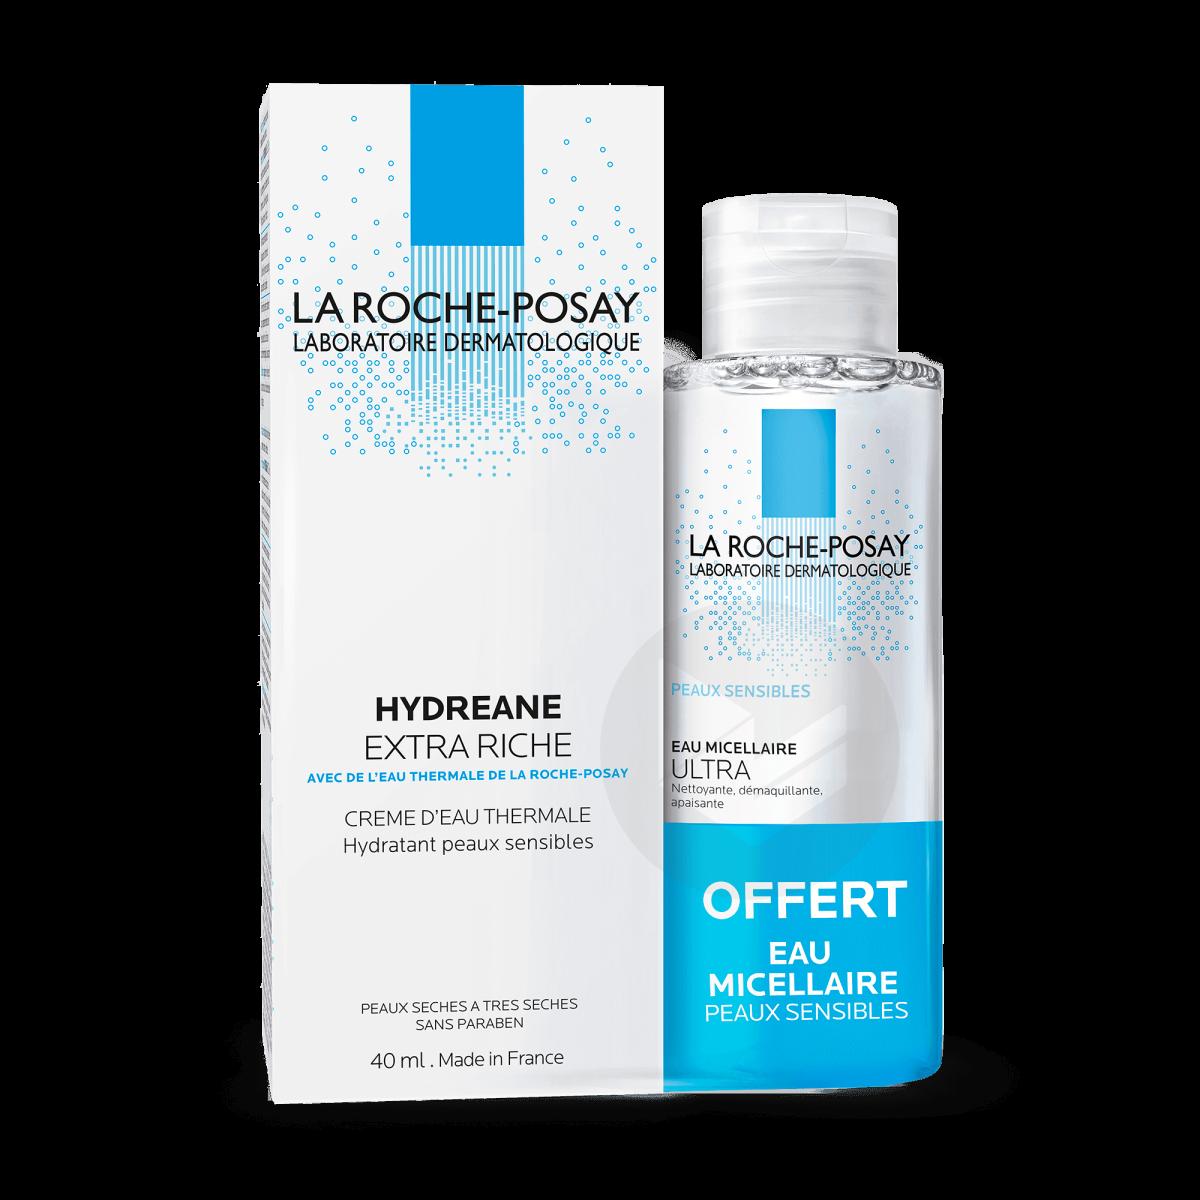 Hydreane Crème hydratante extra  riche + Eau micellaire offerte